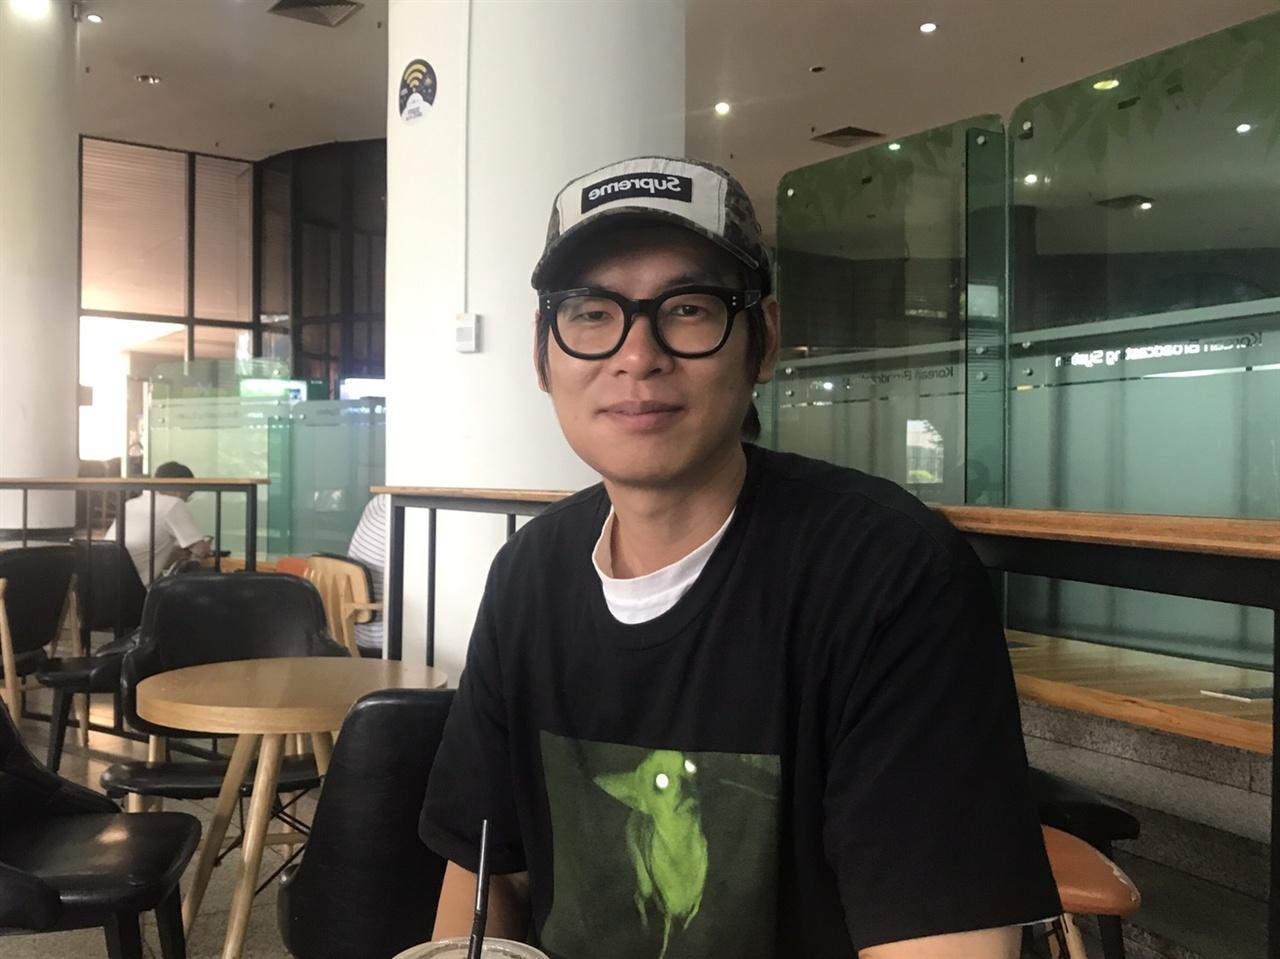 <윤동주 콘서트 별 헤는 밤>을 연출한 고국진 PD